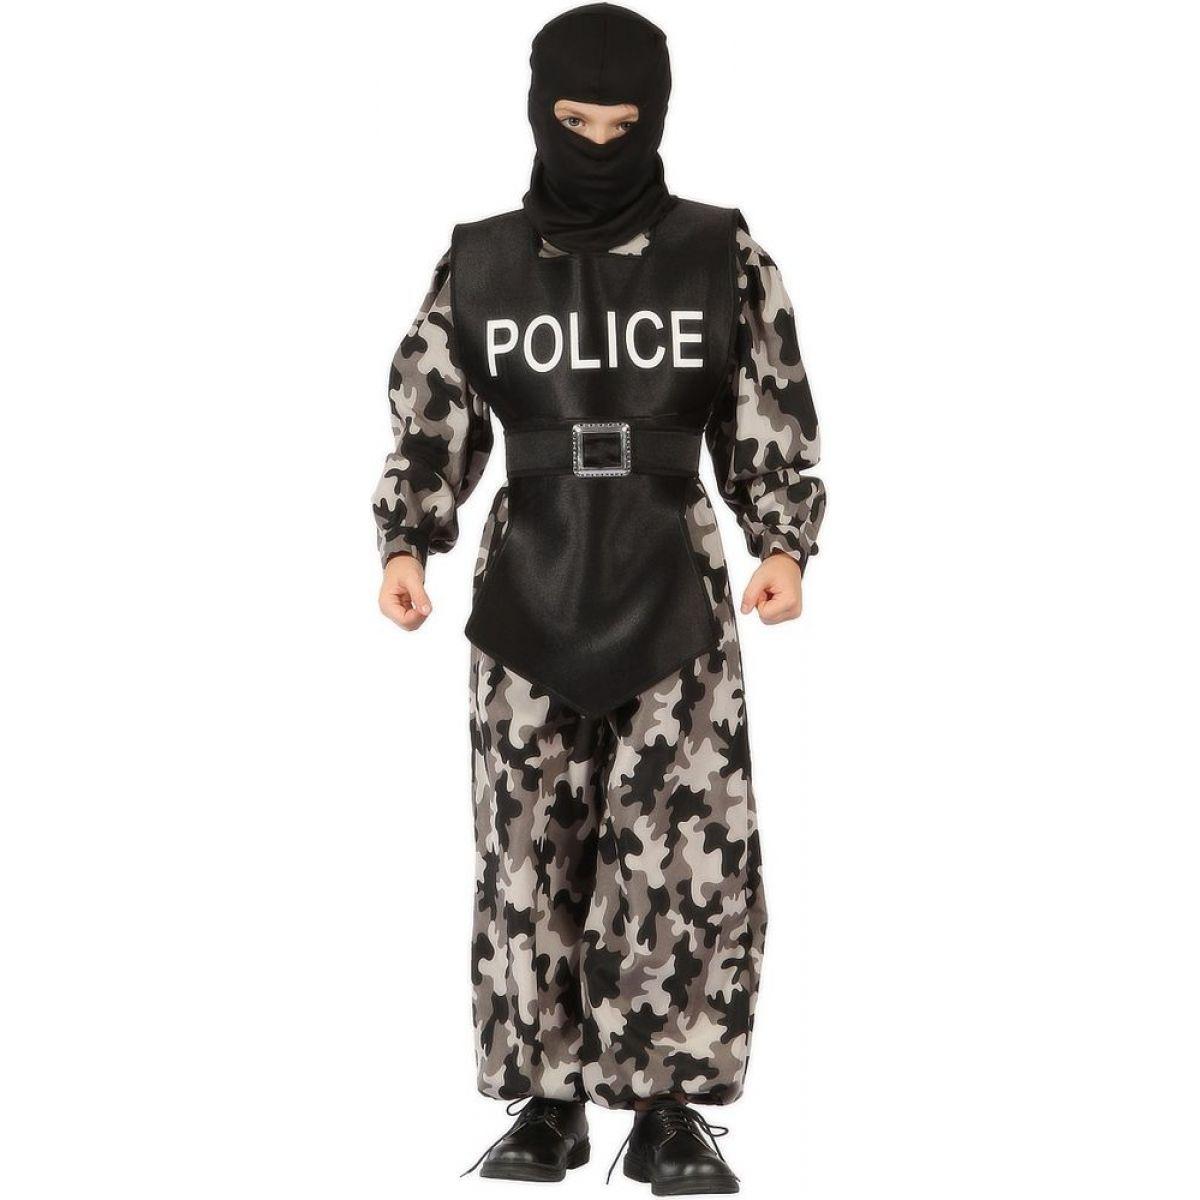 Made Detský kostým Policajt 110-120 cm